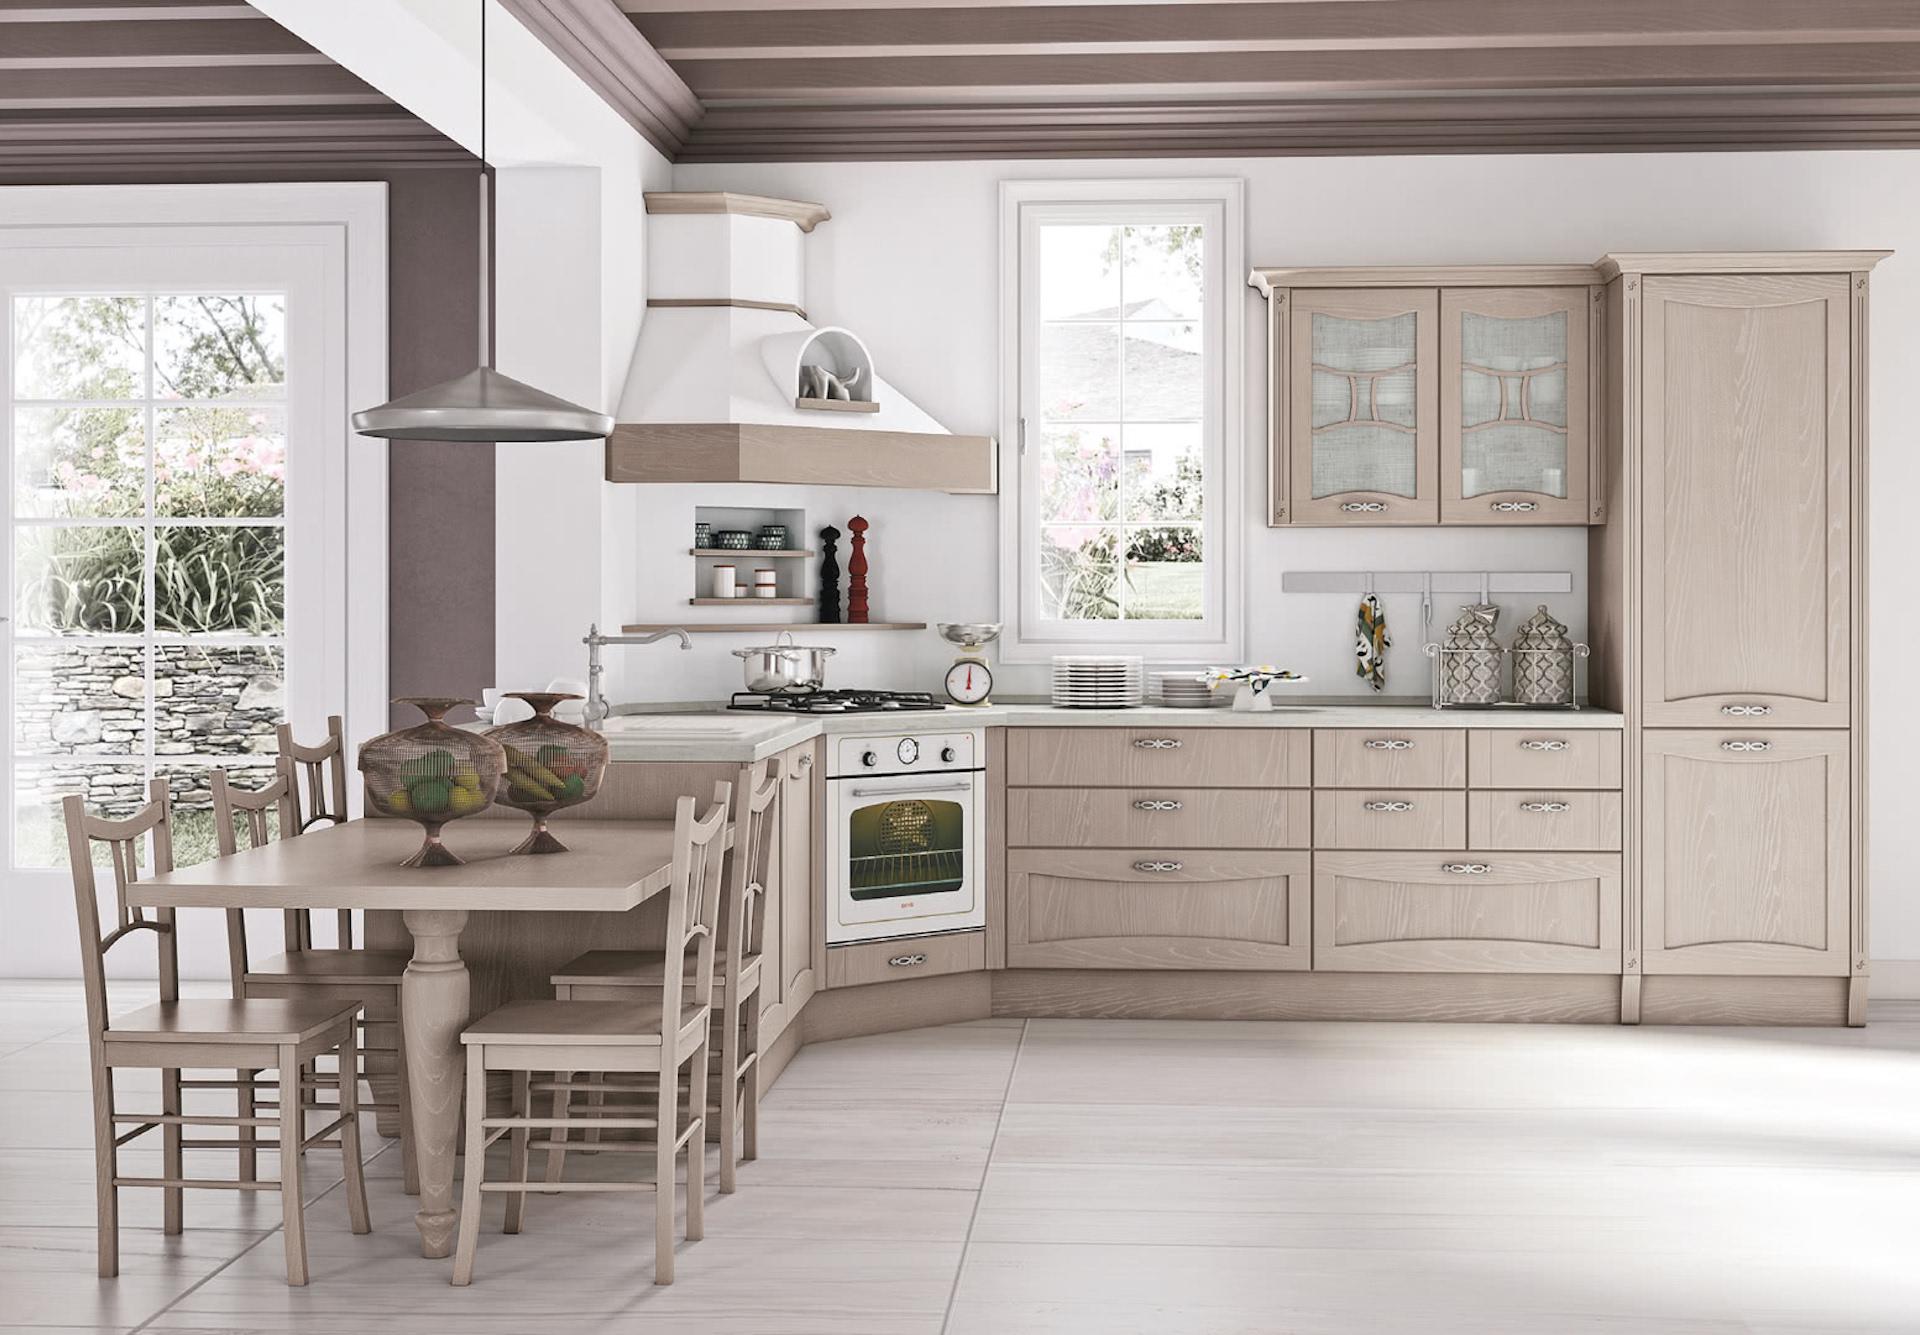 Cucina stile provenzale - Creo Store Cornaredo | Showroom ...